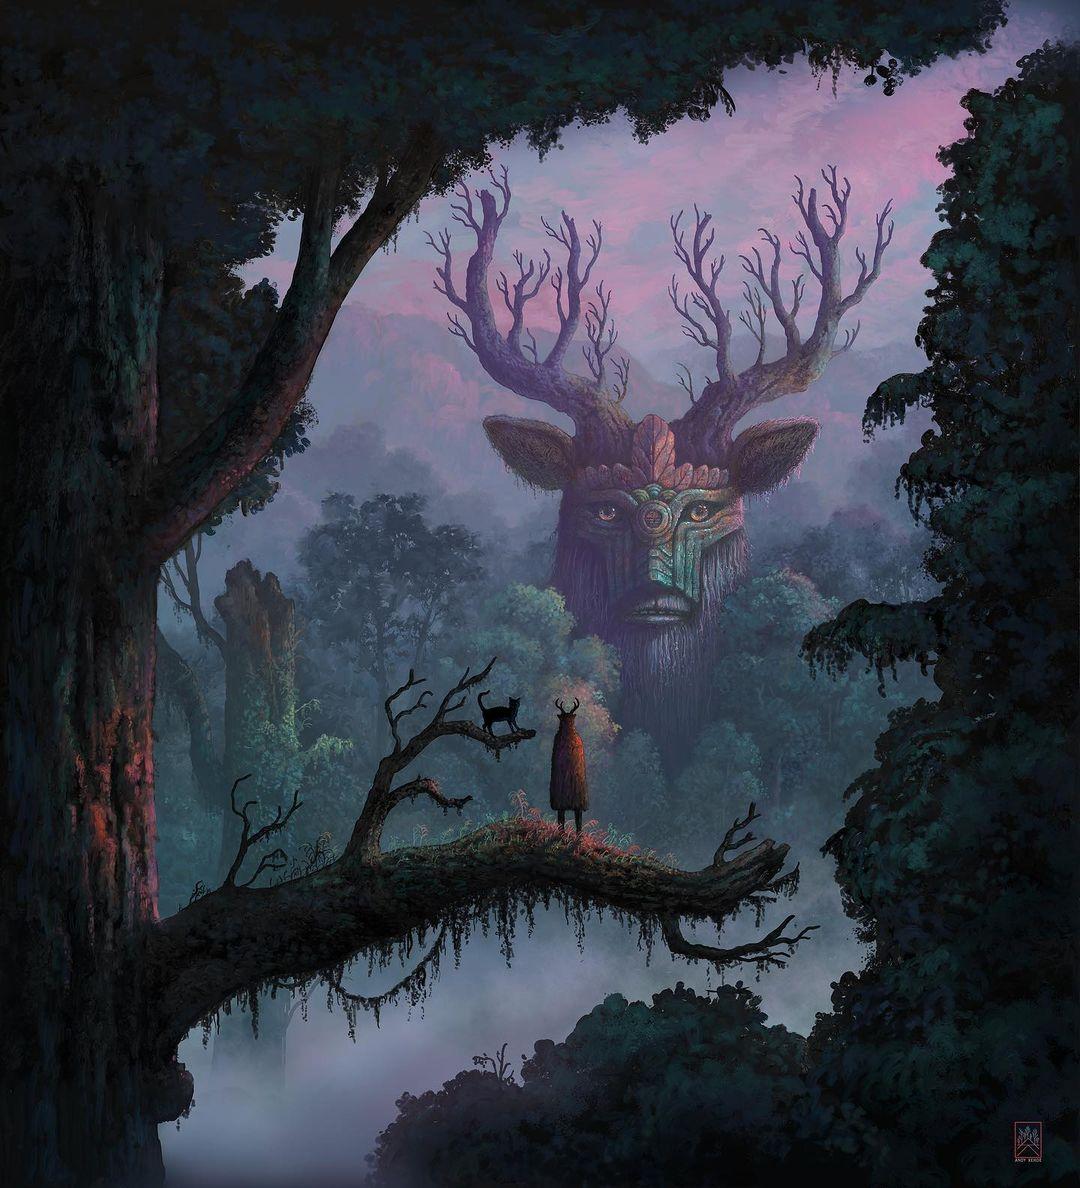 Fantastical Digital Paintings by Andy Kehoe